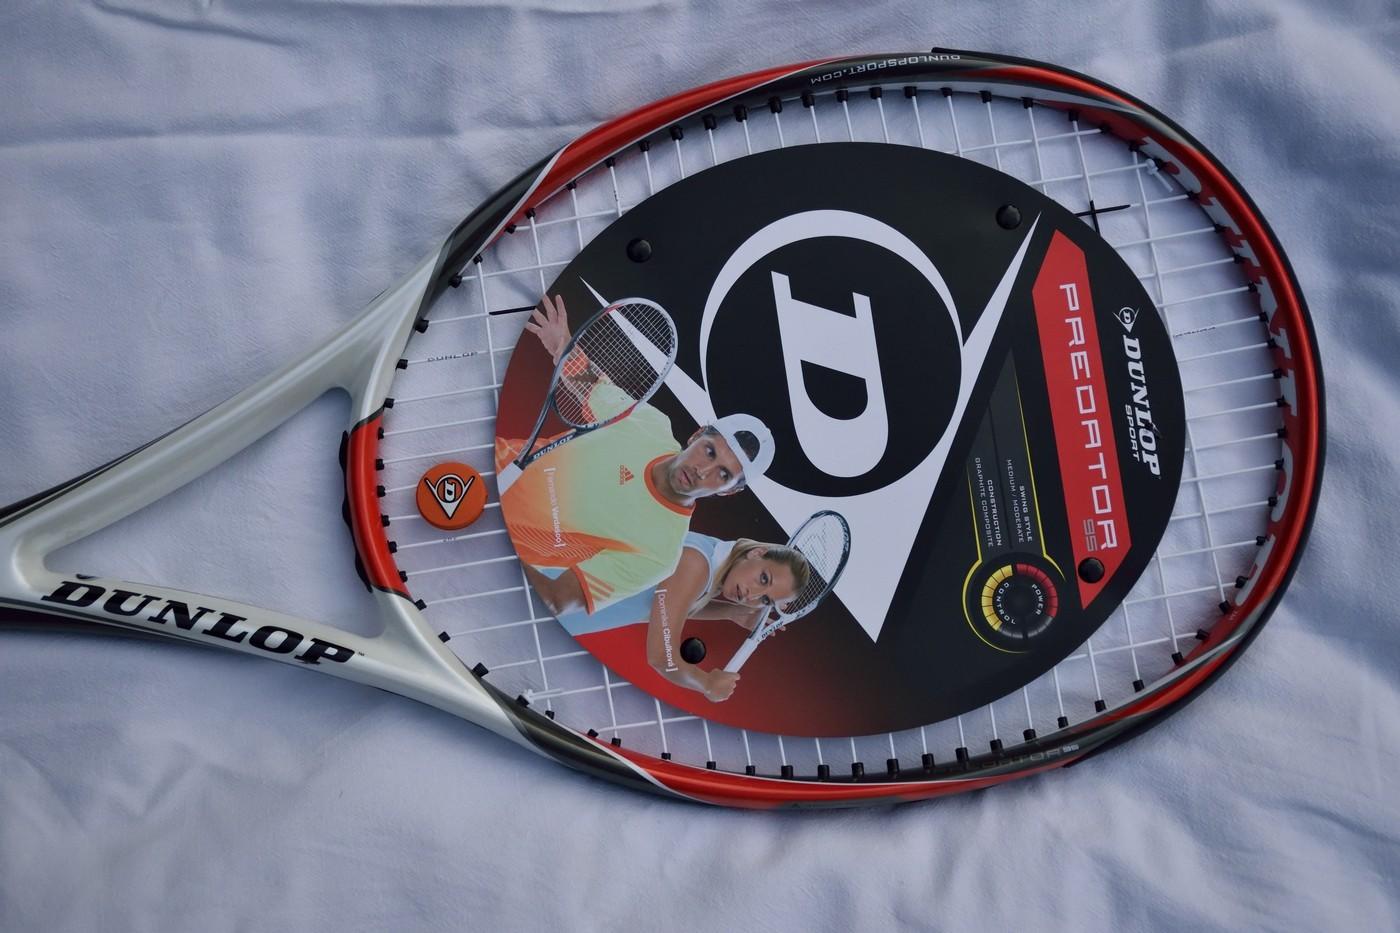 Dunlop Aerogel Power tenisová raketa pro mírně pokročilé a pokročilé hráče L3 a L4